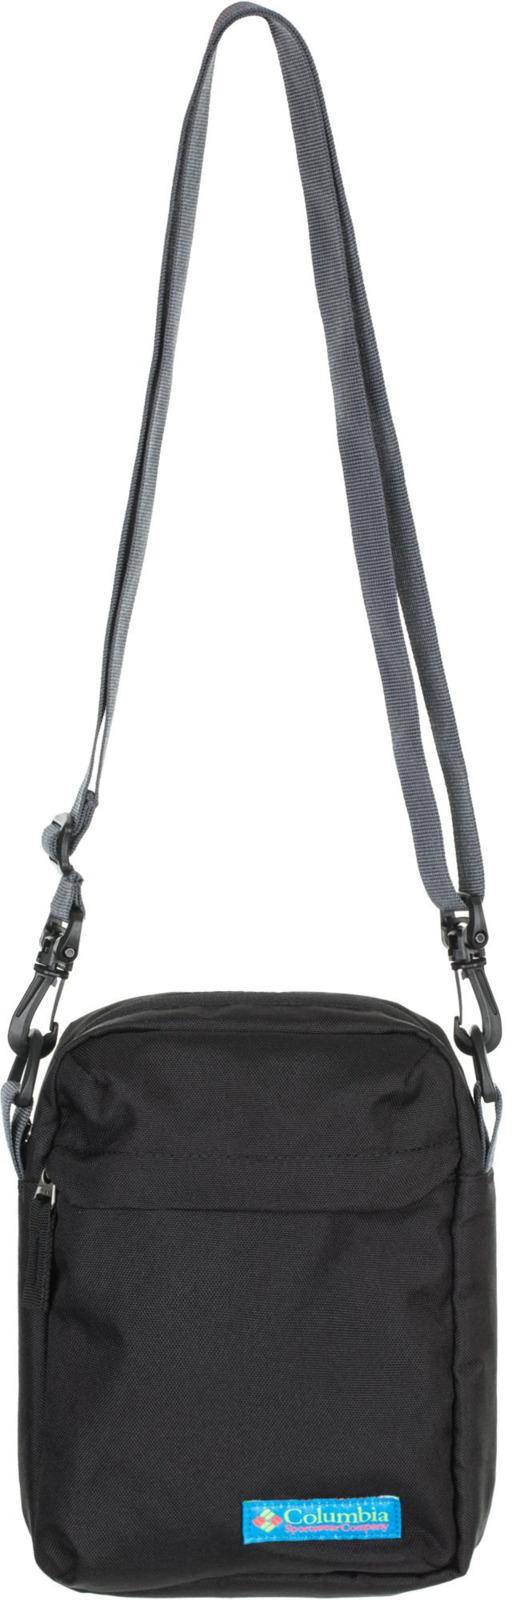 Фото - Сумка на плечо Columbia Urban Uplift Side Bag, цвет: черный, 2 л. 1724821-011 ай ши oiwas плечо сумка красные мешки отдыха рюкзак ocb4187